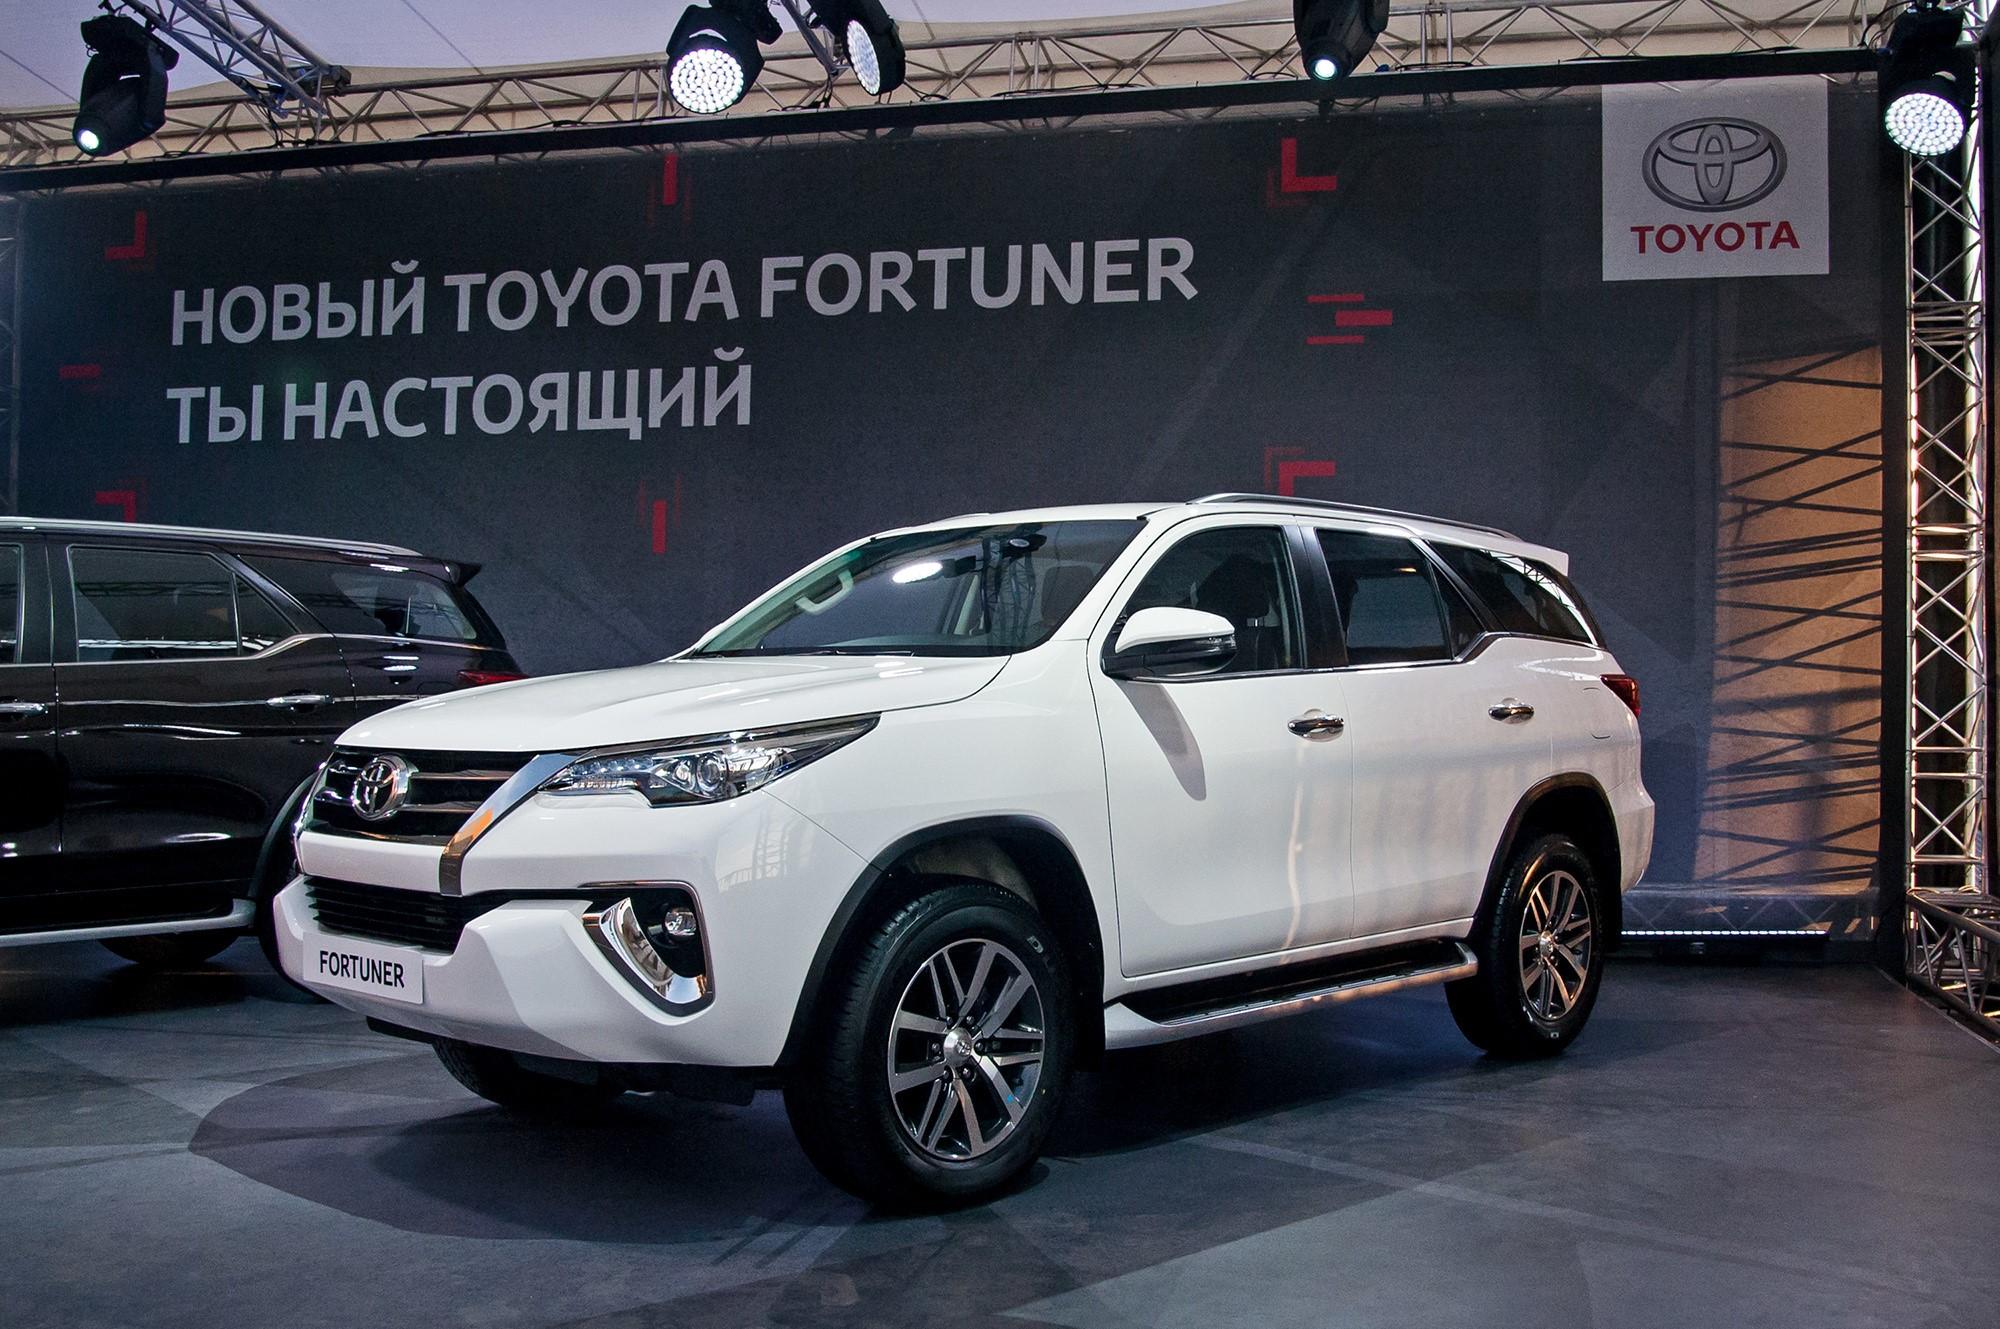 Российская премьера Toyota Fortuner